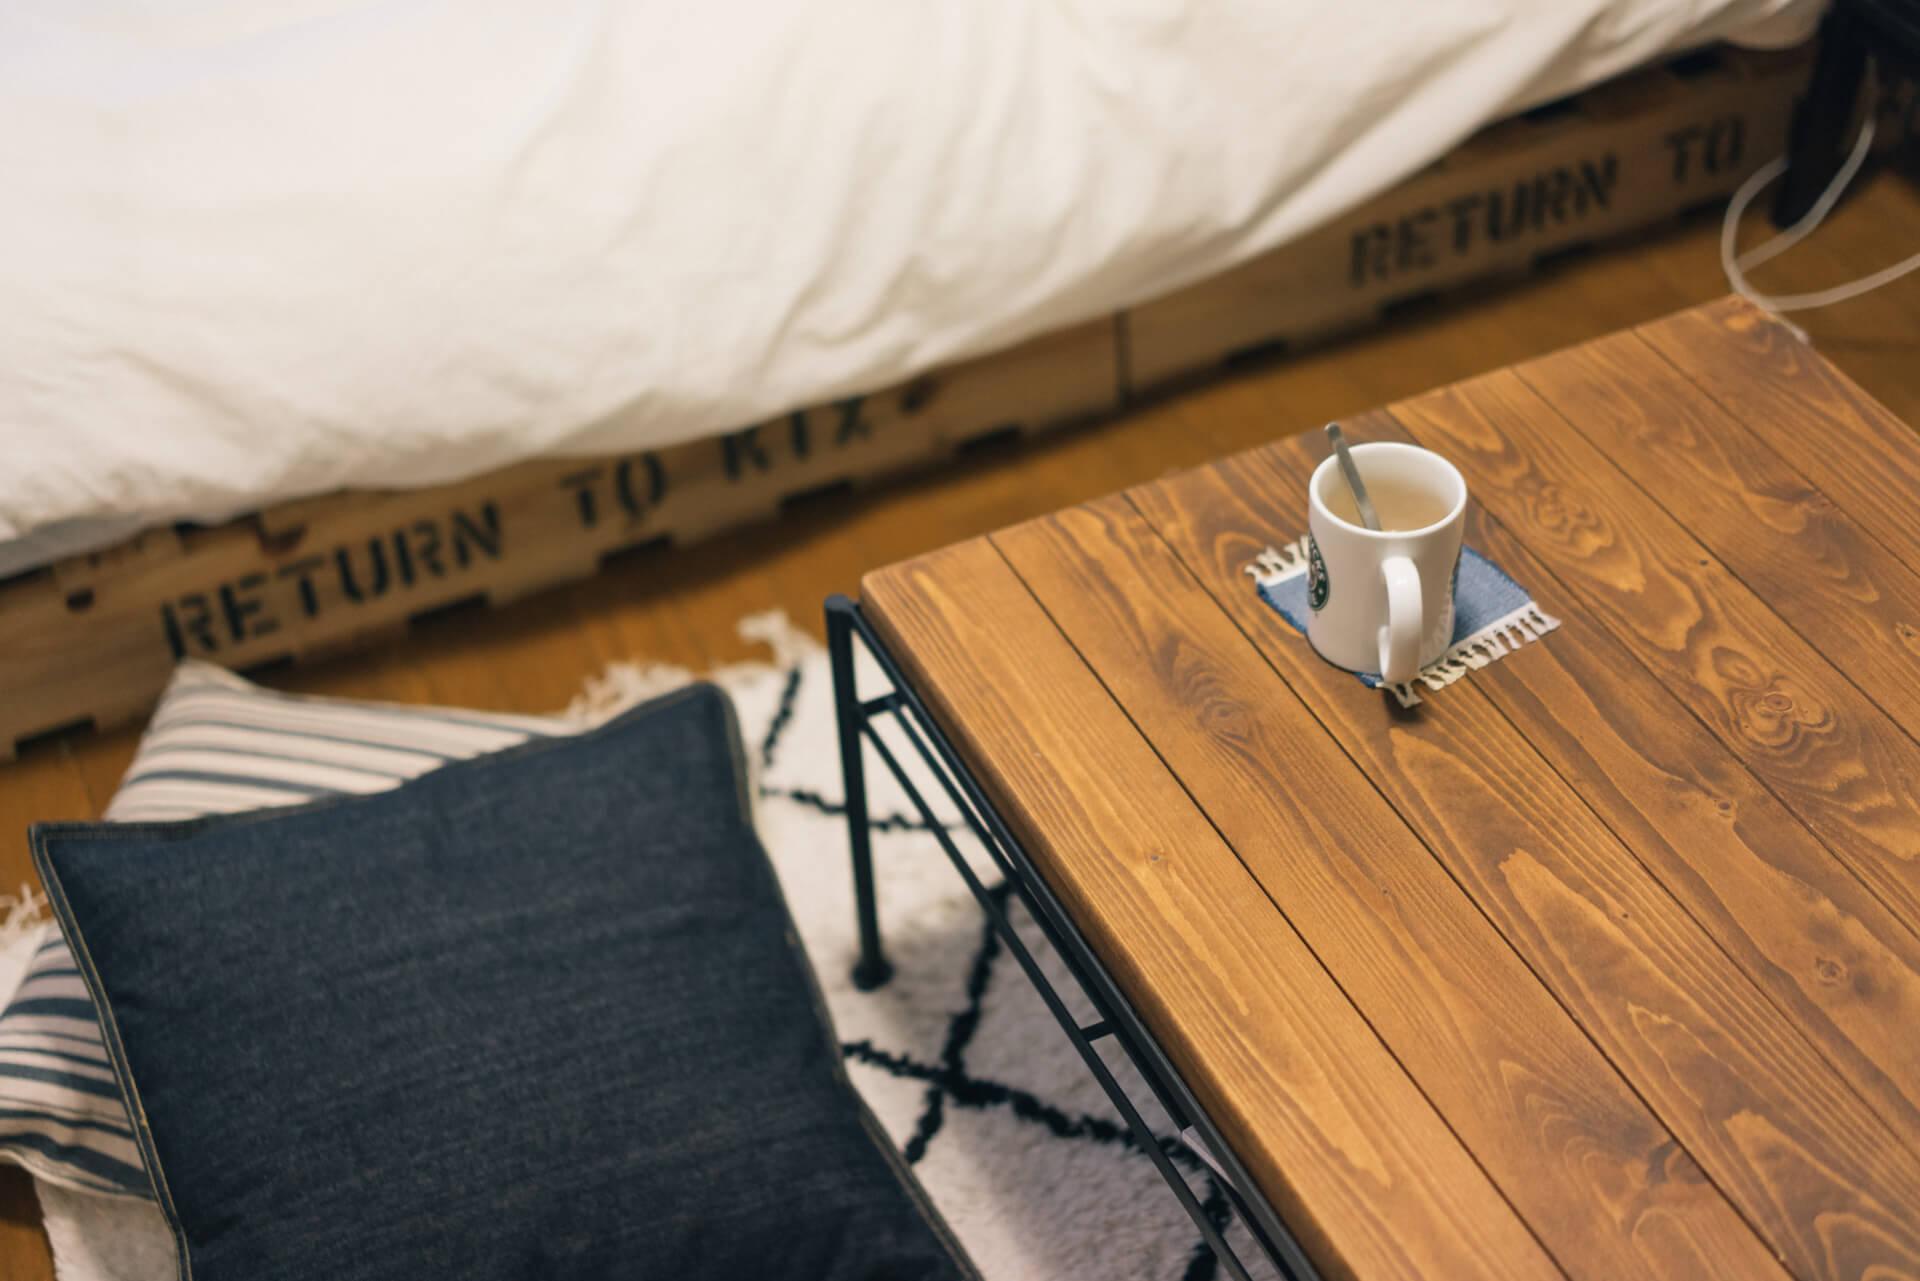 ローテーブルは、ReCENOのもの。パインの無垢材にはエイジング加工が施されていて、シックな部屋によく似合います。